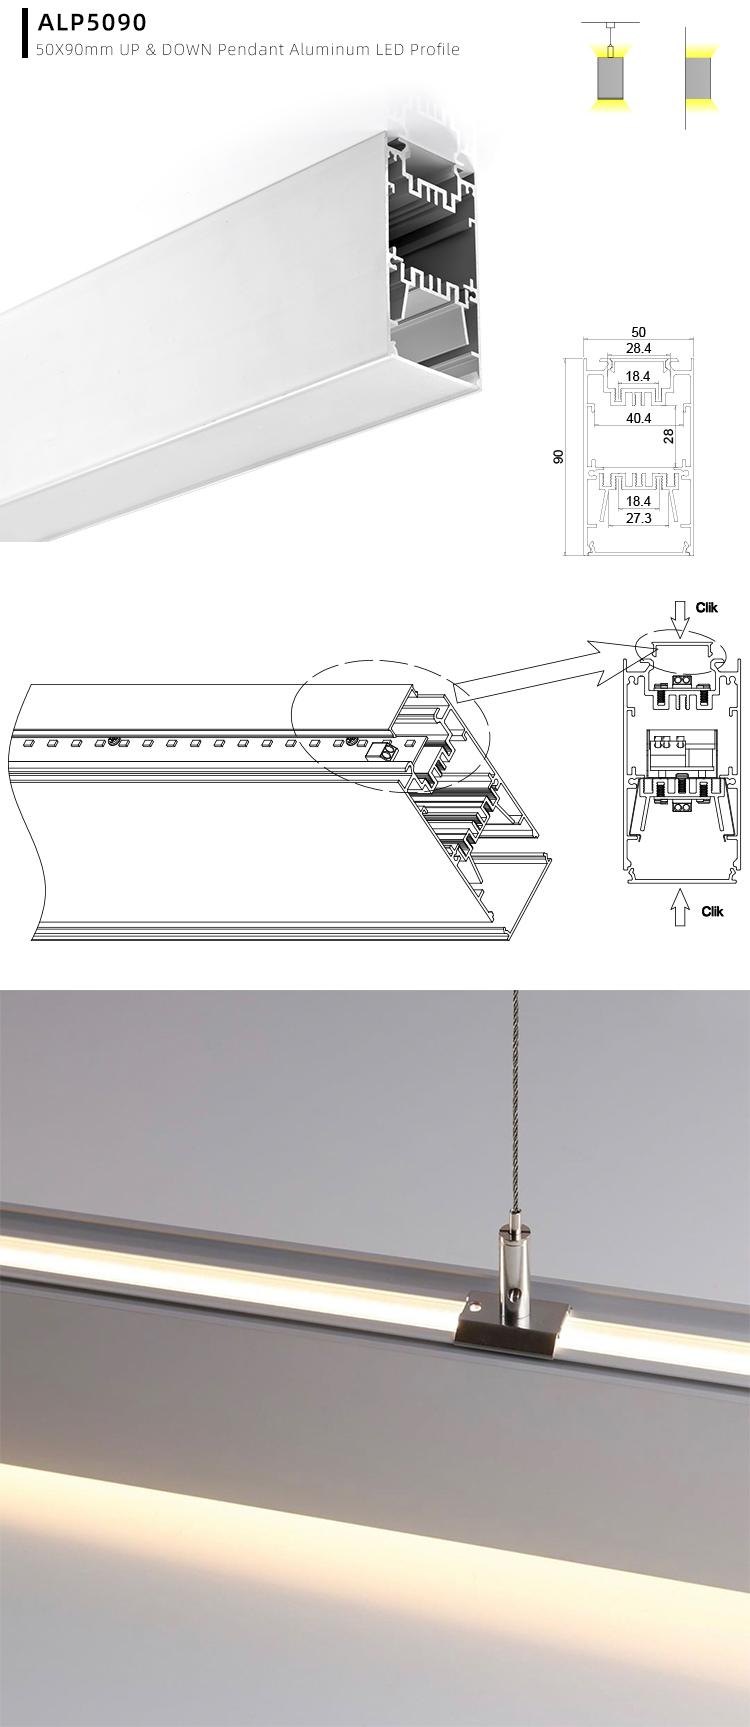 LED Alu Profiles